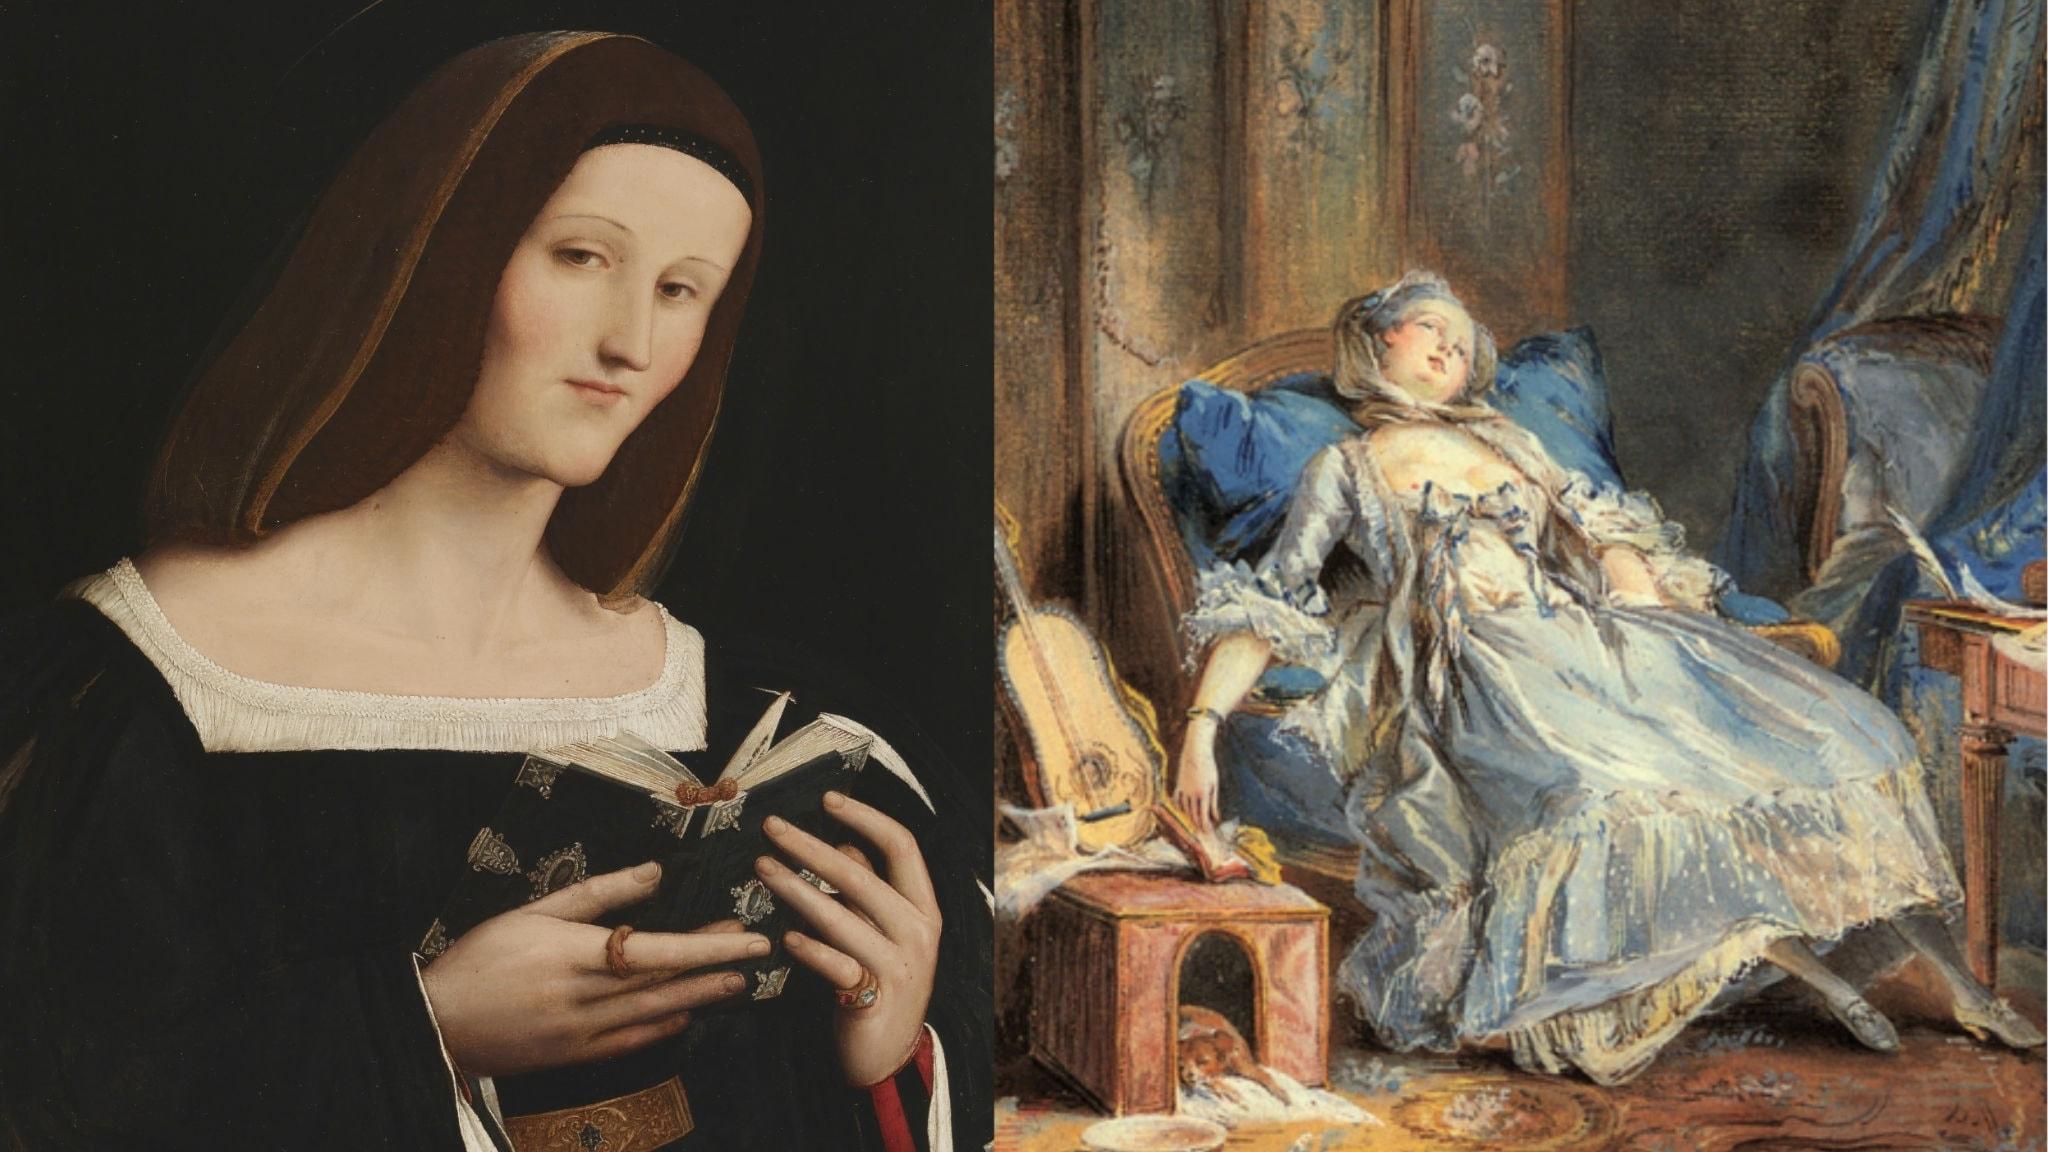 Läsning 2: Den läsande kvinnan är aldrig neutral